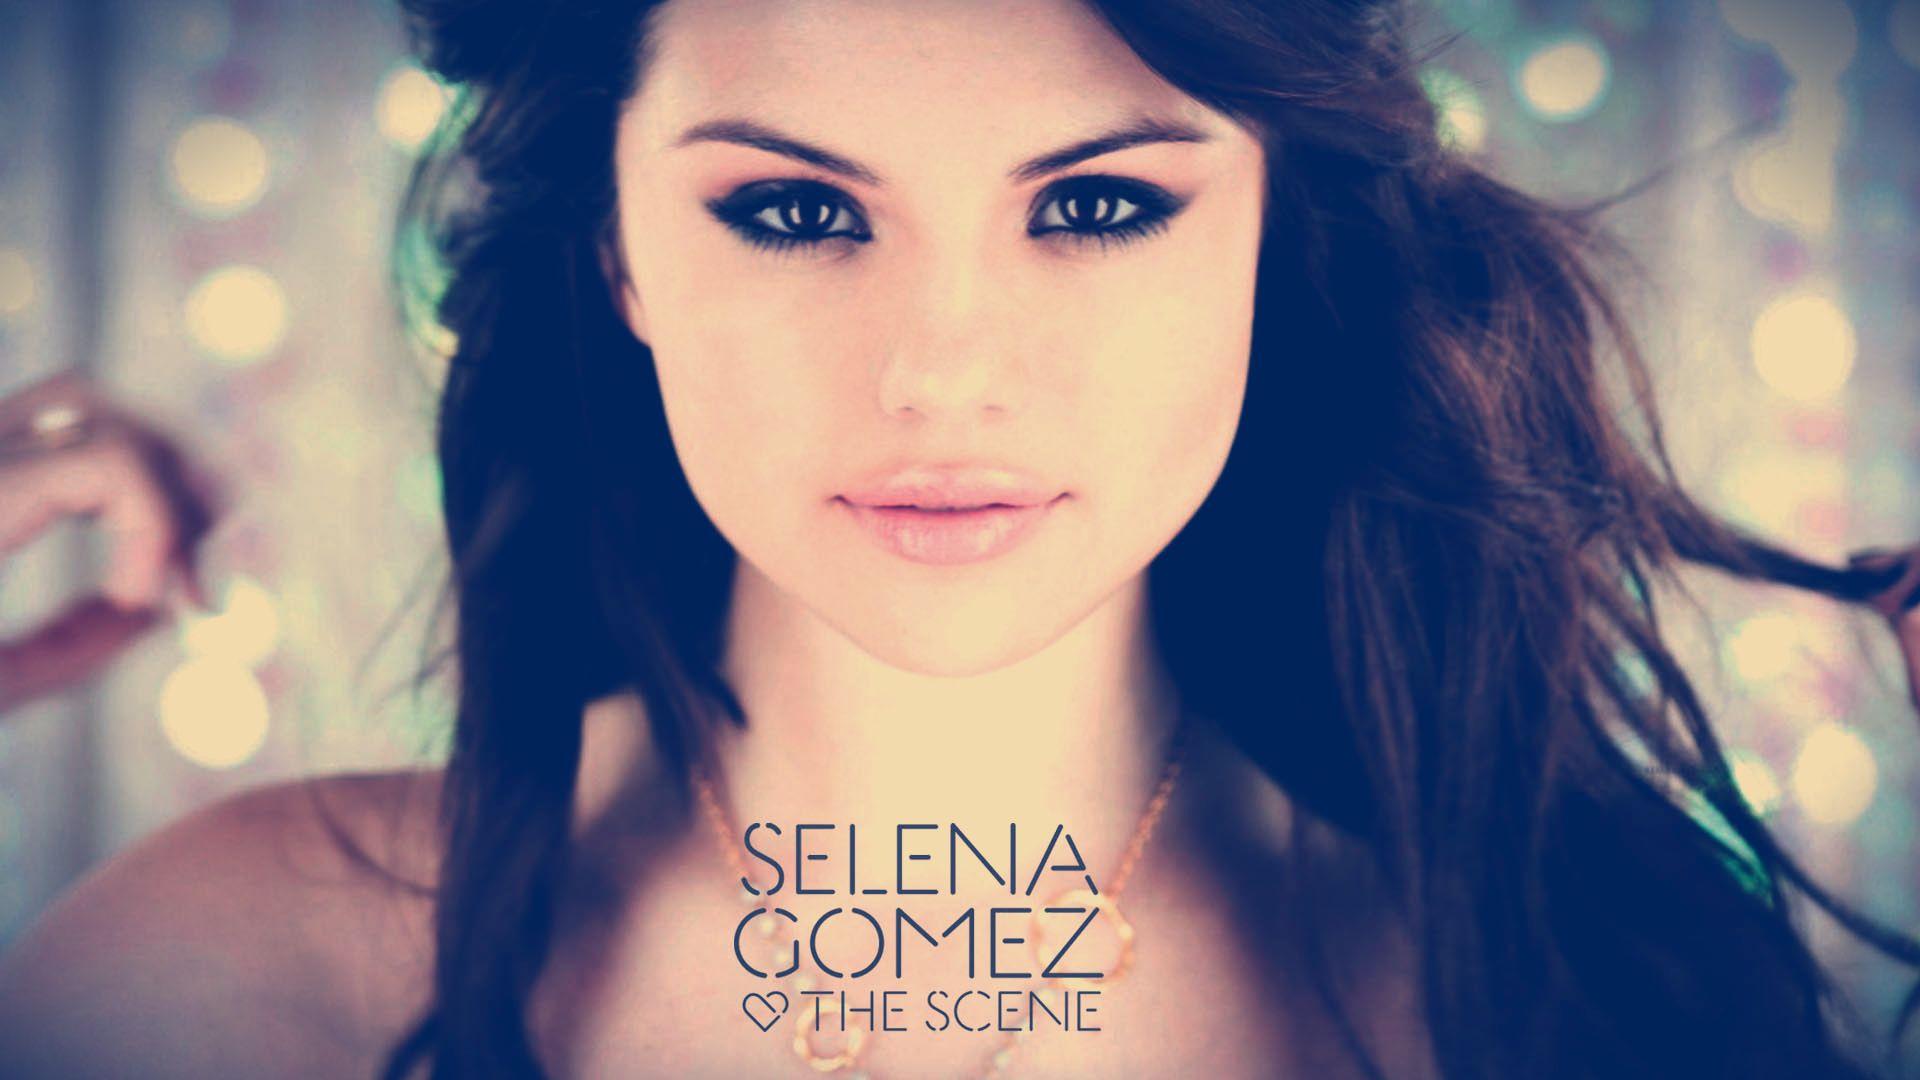 Selena Gomez Hd Wallpaper For Pc